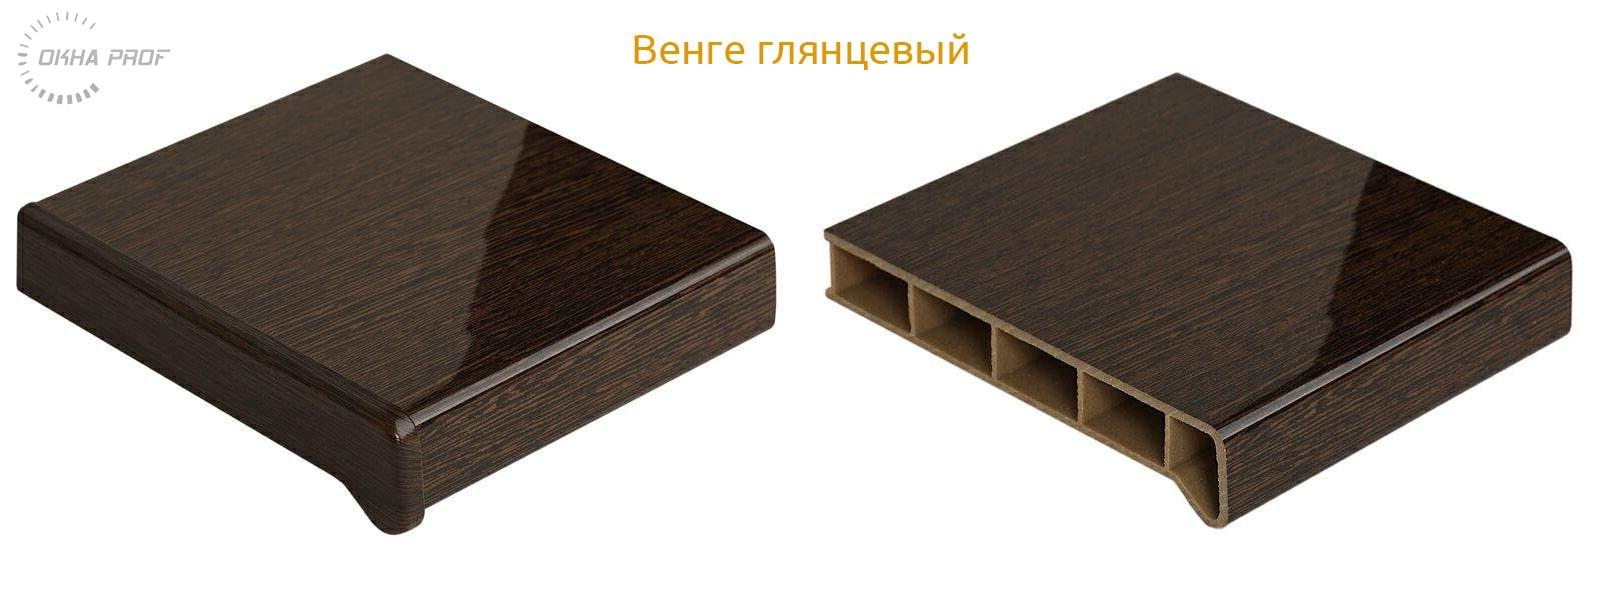 podokonnik-decor-donetsk-oknaprof-moeller-005